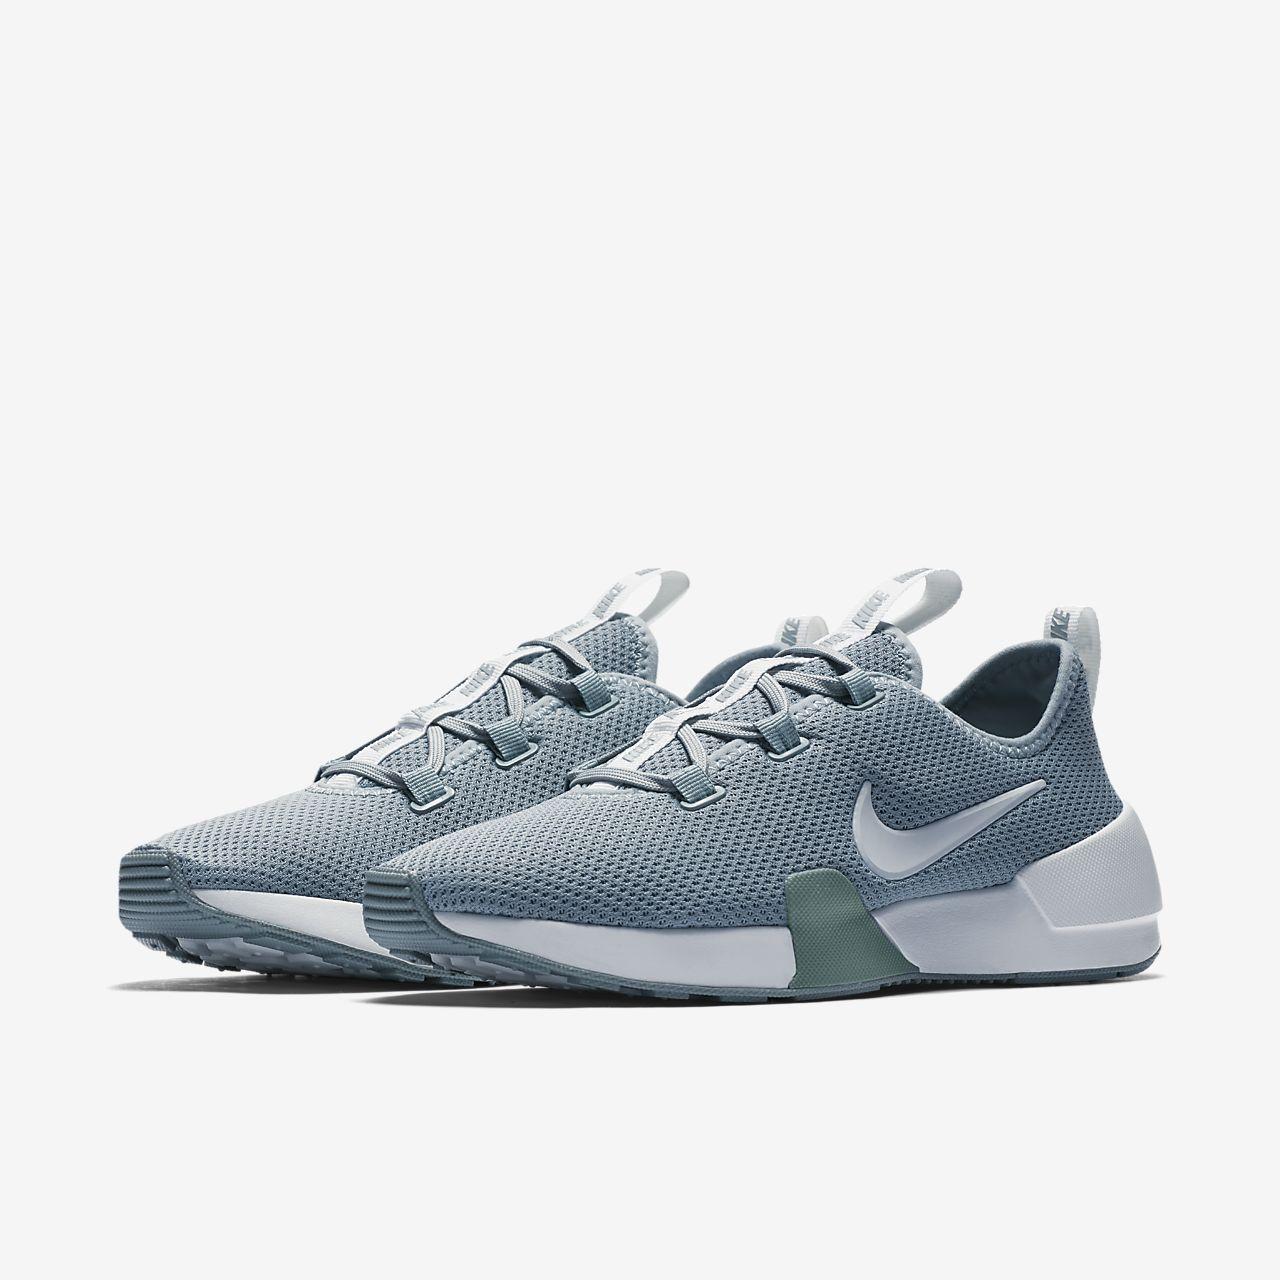 c1dbef483b0 Nike Ashin Modern Run Women s Shoe. Nike.com